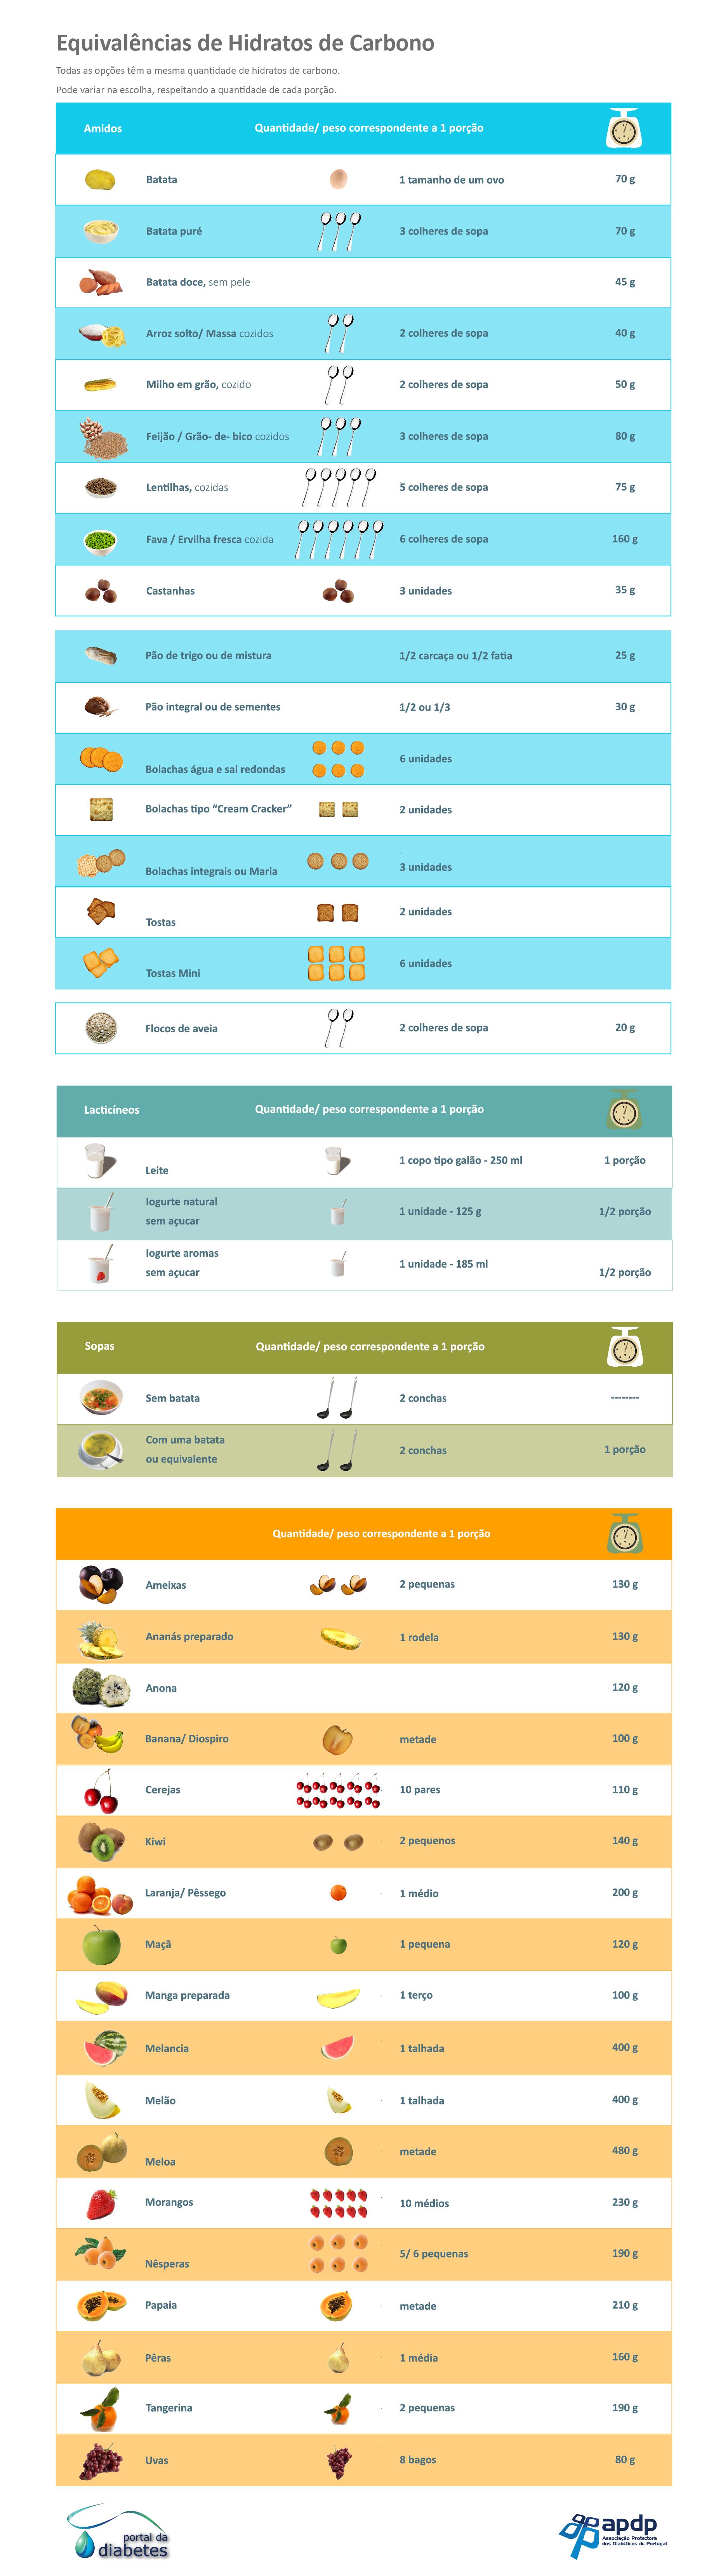 Tabela de Equivalências de Hidratos de Carbono